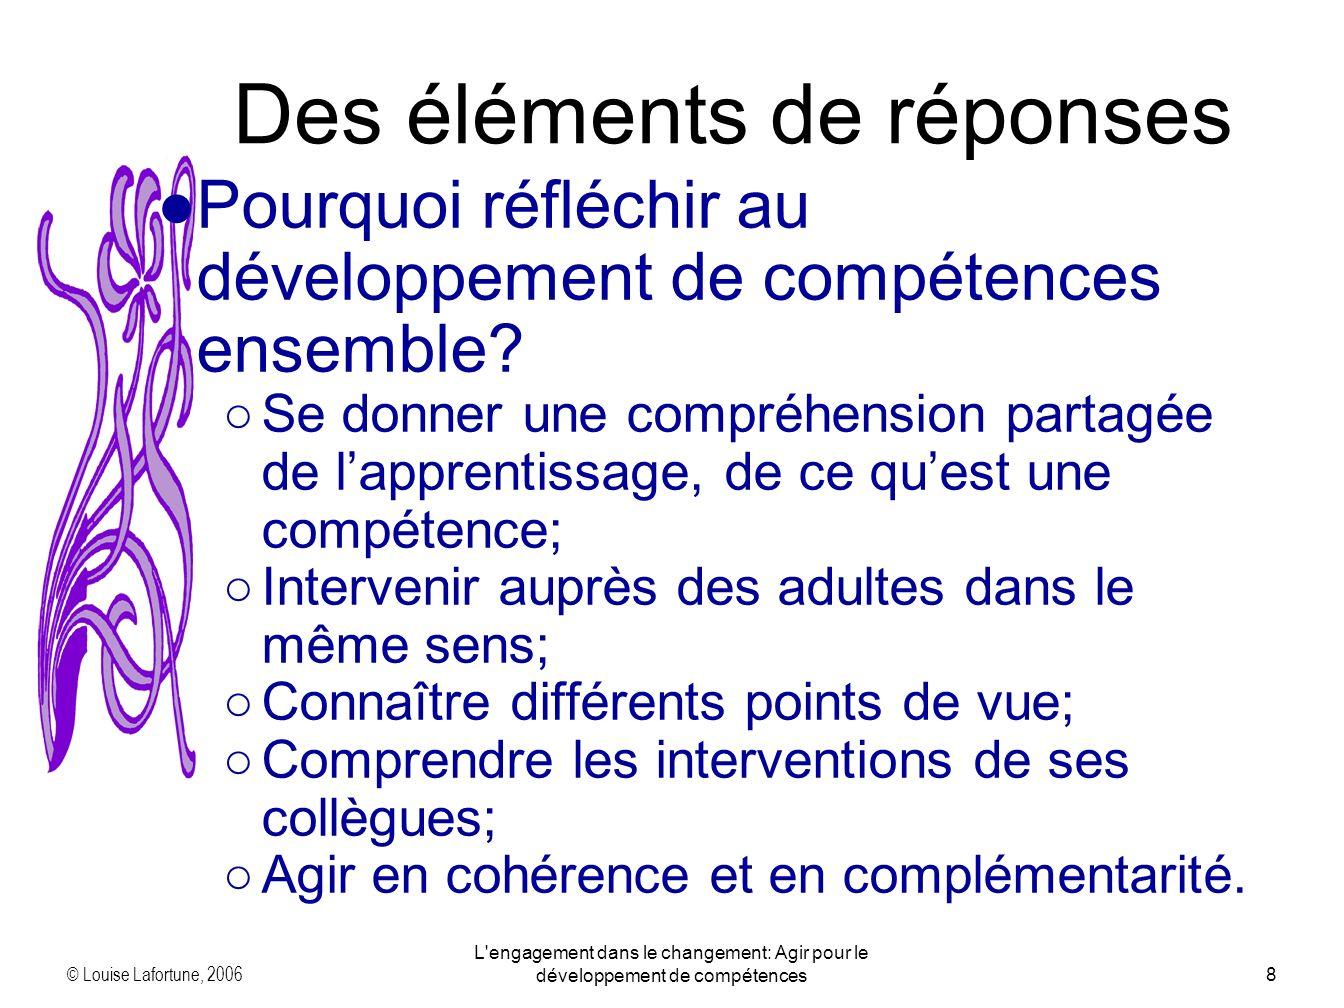 © Louise Lafortune, 2006 L engagement dans le changement: Agir pour le développement de compétences9 Complexité et compétences Considération de la complexité; Développement de ressources dans différentes tâches; Exigence de temps, mais aussi dun engagement cognitif; Cohérence.